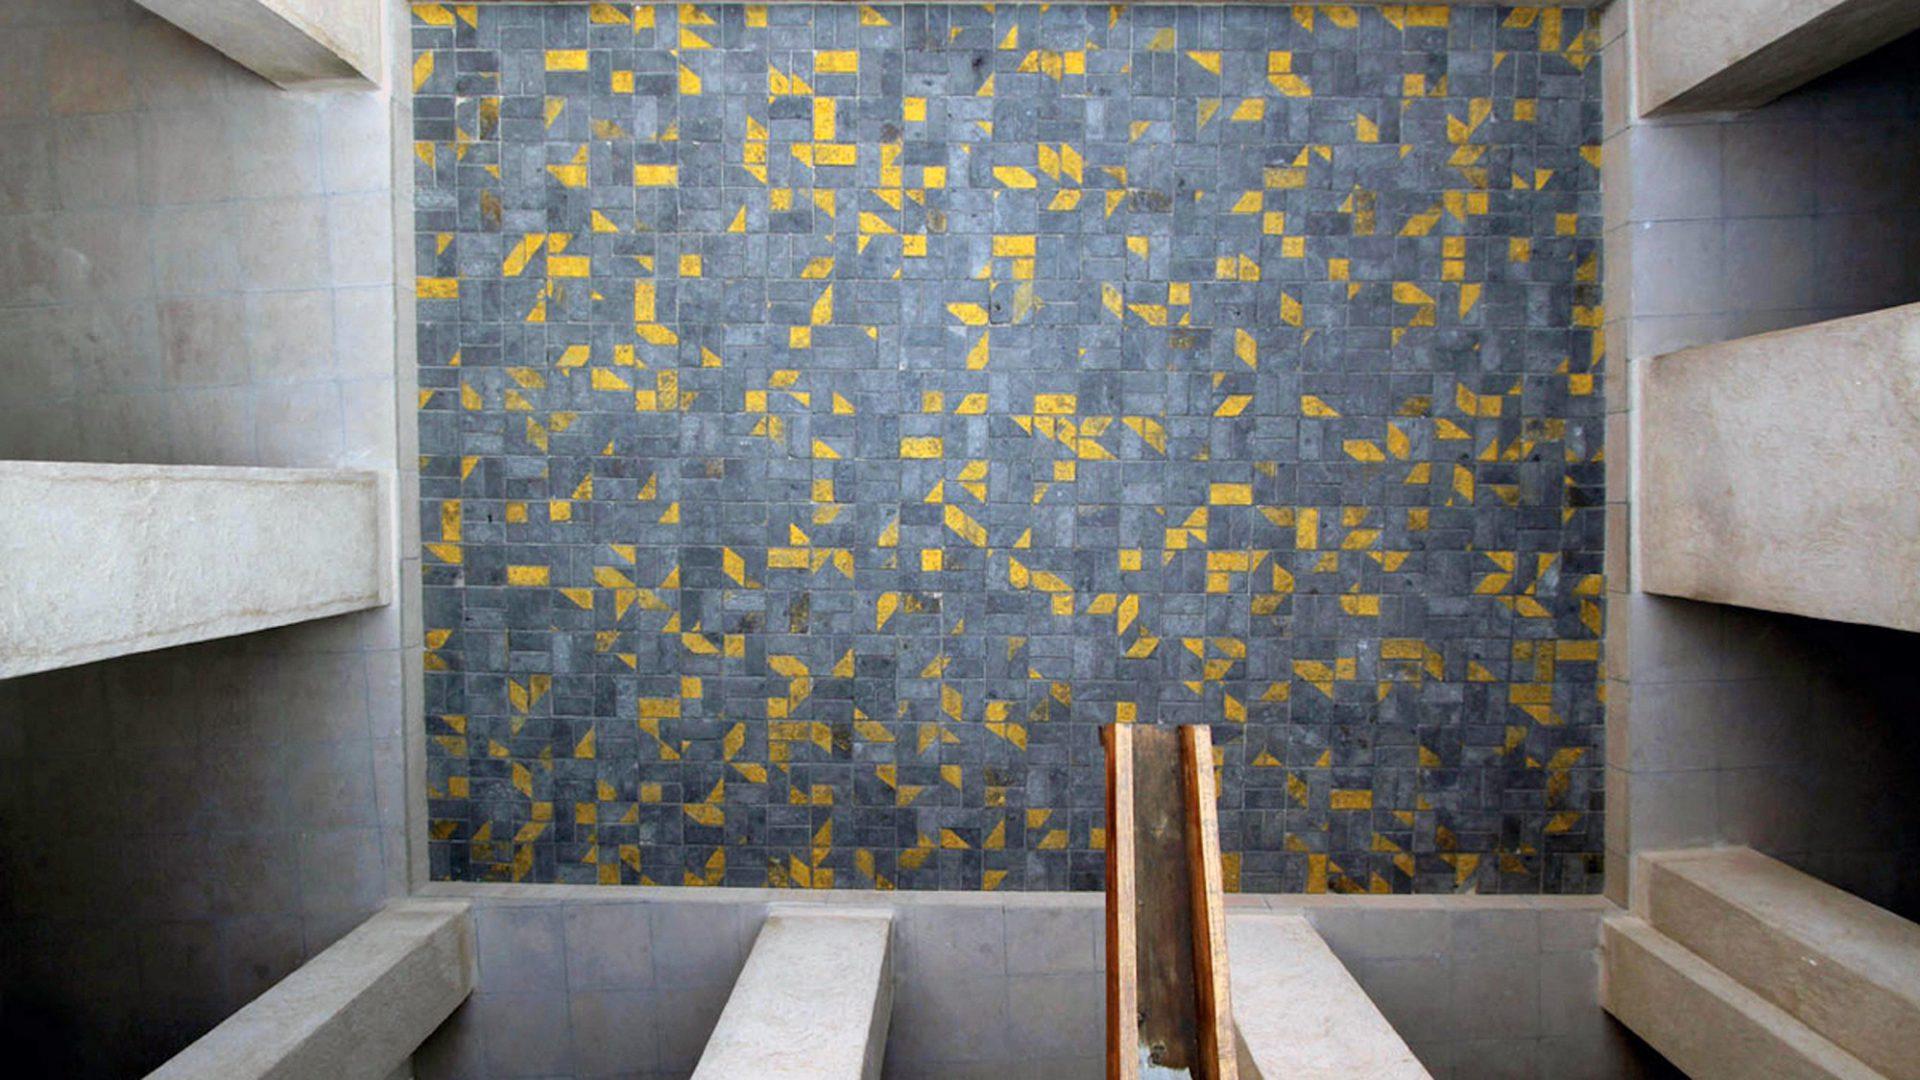 """""""Degenerative Disarrangement"""".  Straßenreparaturen werden in Dubai, wie so vieles in der Metropole, unter großem Zeitdruck erledigt. Es kommt zu Fehlern. Schon ein einziger Pflasterstein, falsch eingesetzt, kann die gesamte Struktur durcheinander bringen. Für Dubai's Ordnungsliebe ein No-Go, für den in Beirut geborenen indischen Künstler Vikram Divecha eine Einladung zur Schaffung seiner prämierten Installation im Innenhof von Haus 33 in Al Bastakiya."""